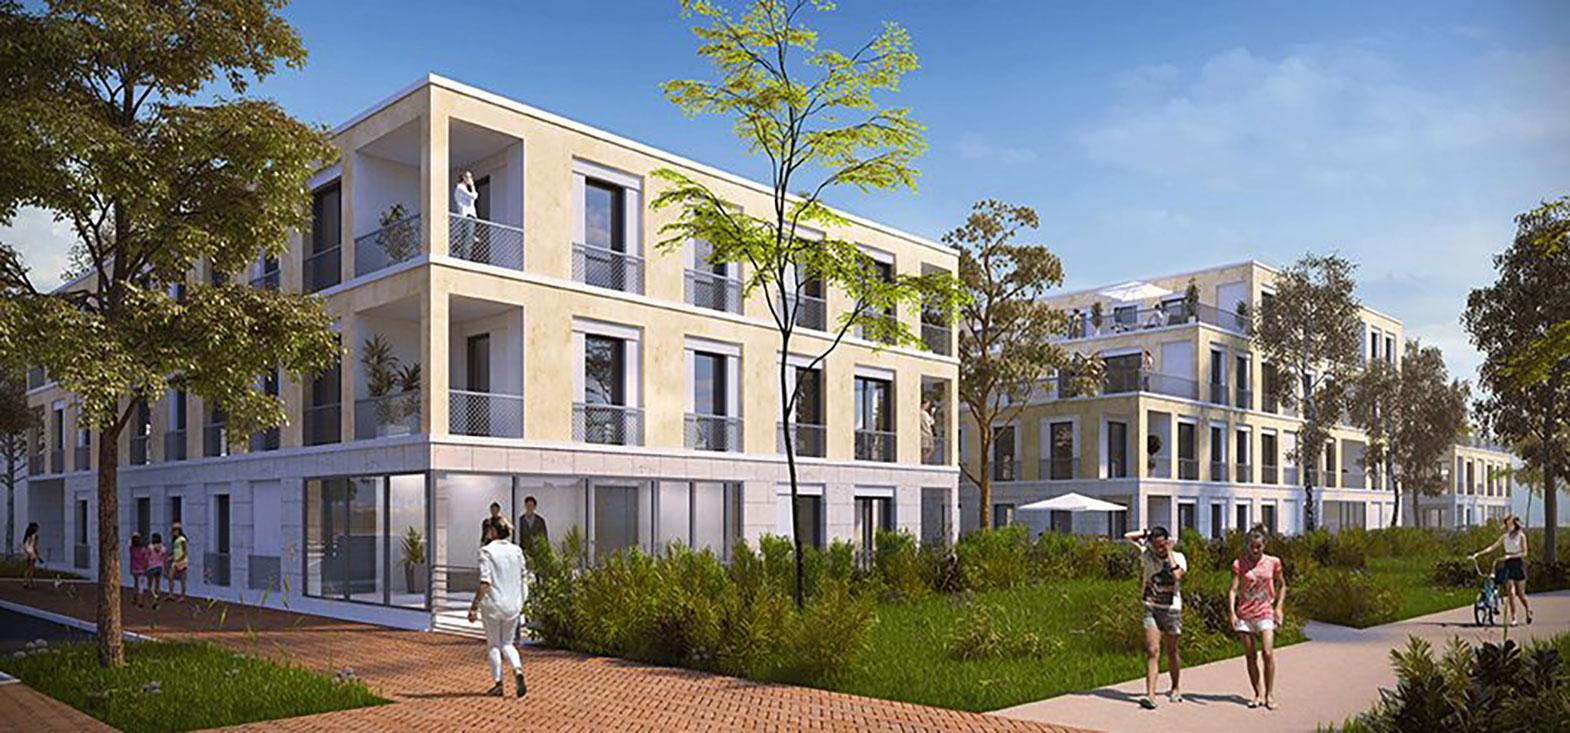 Pavillon vert programme neuf bondoufle for Prix pavillon neuf